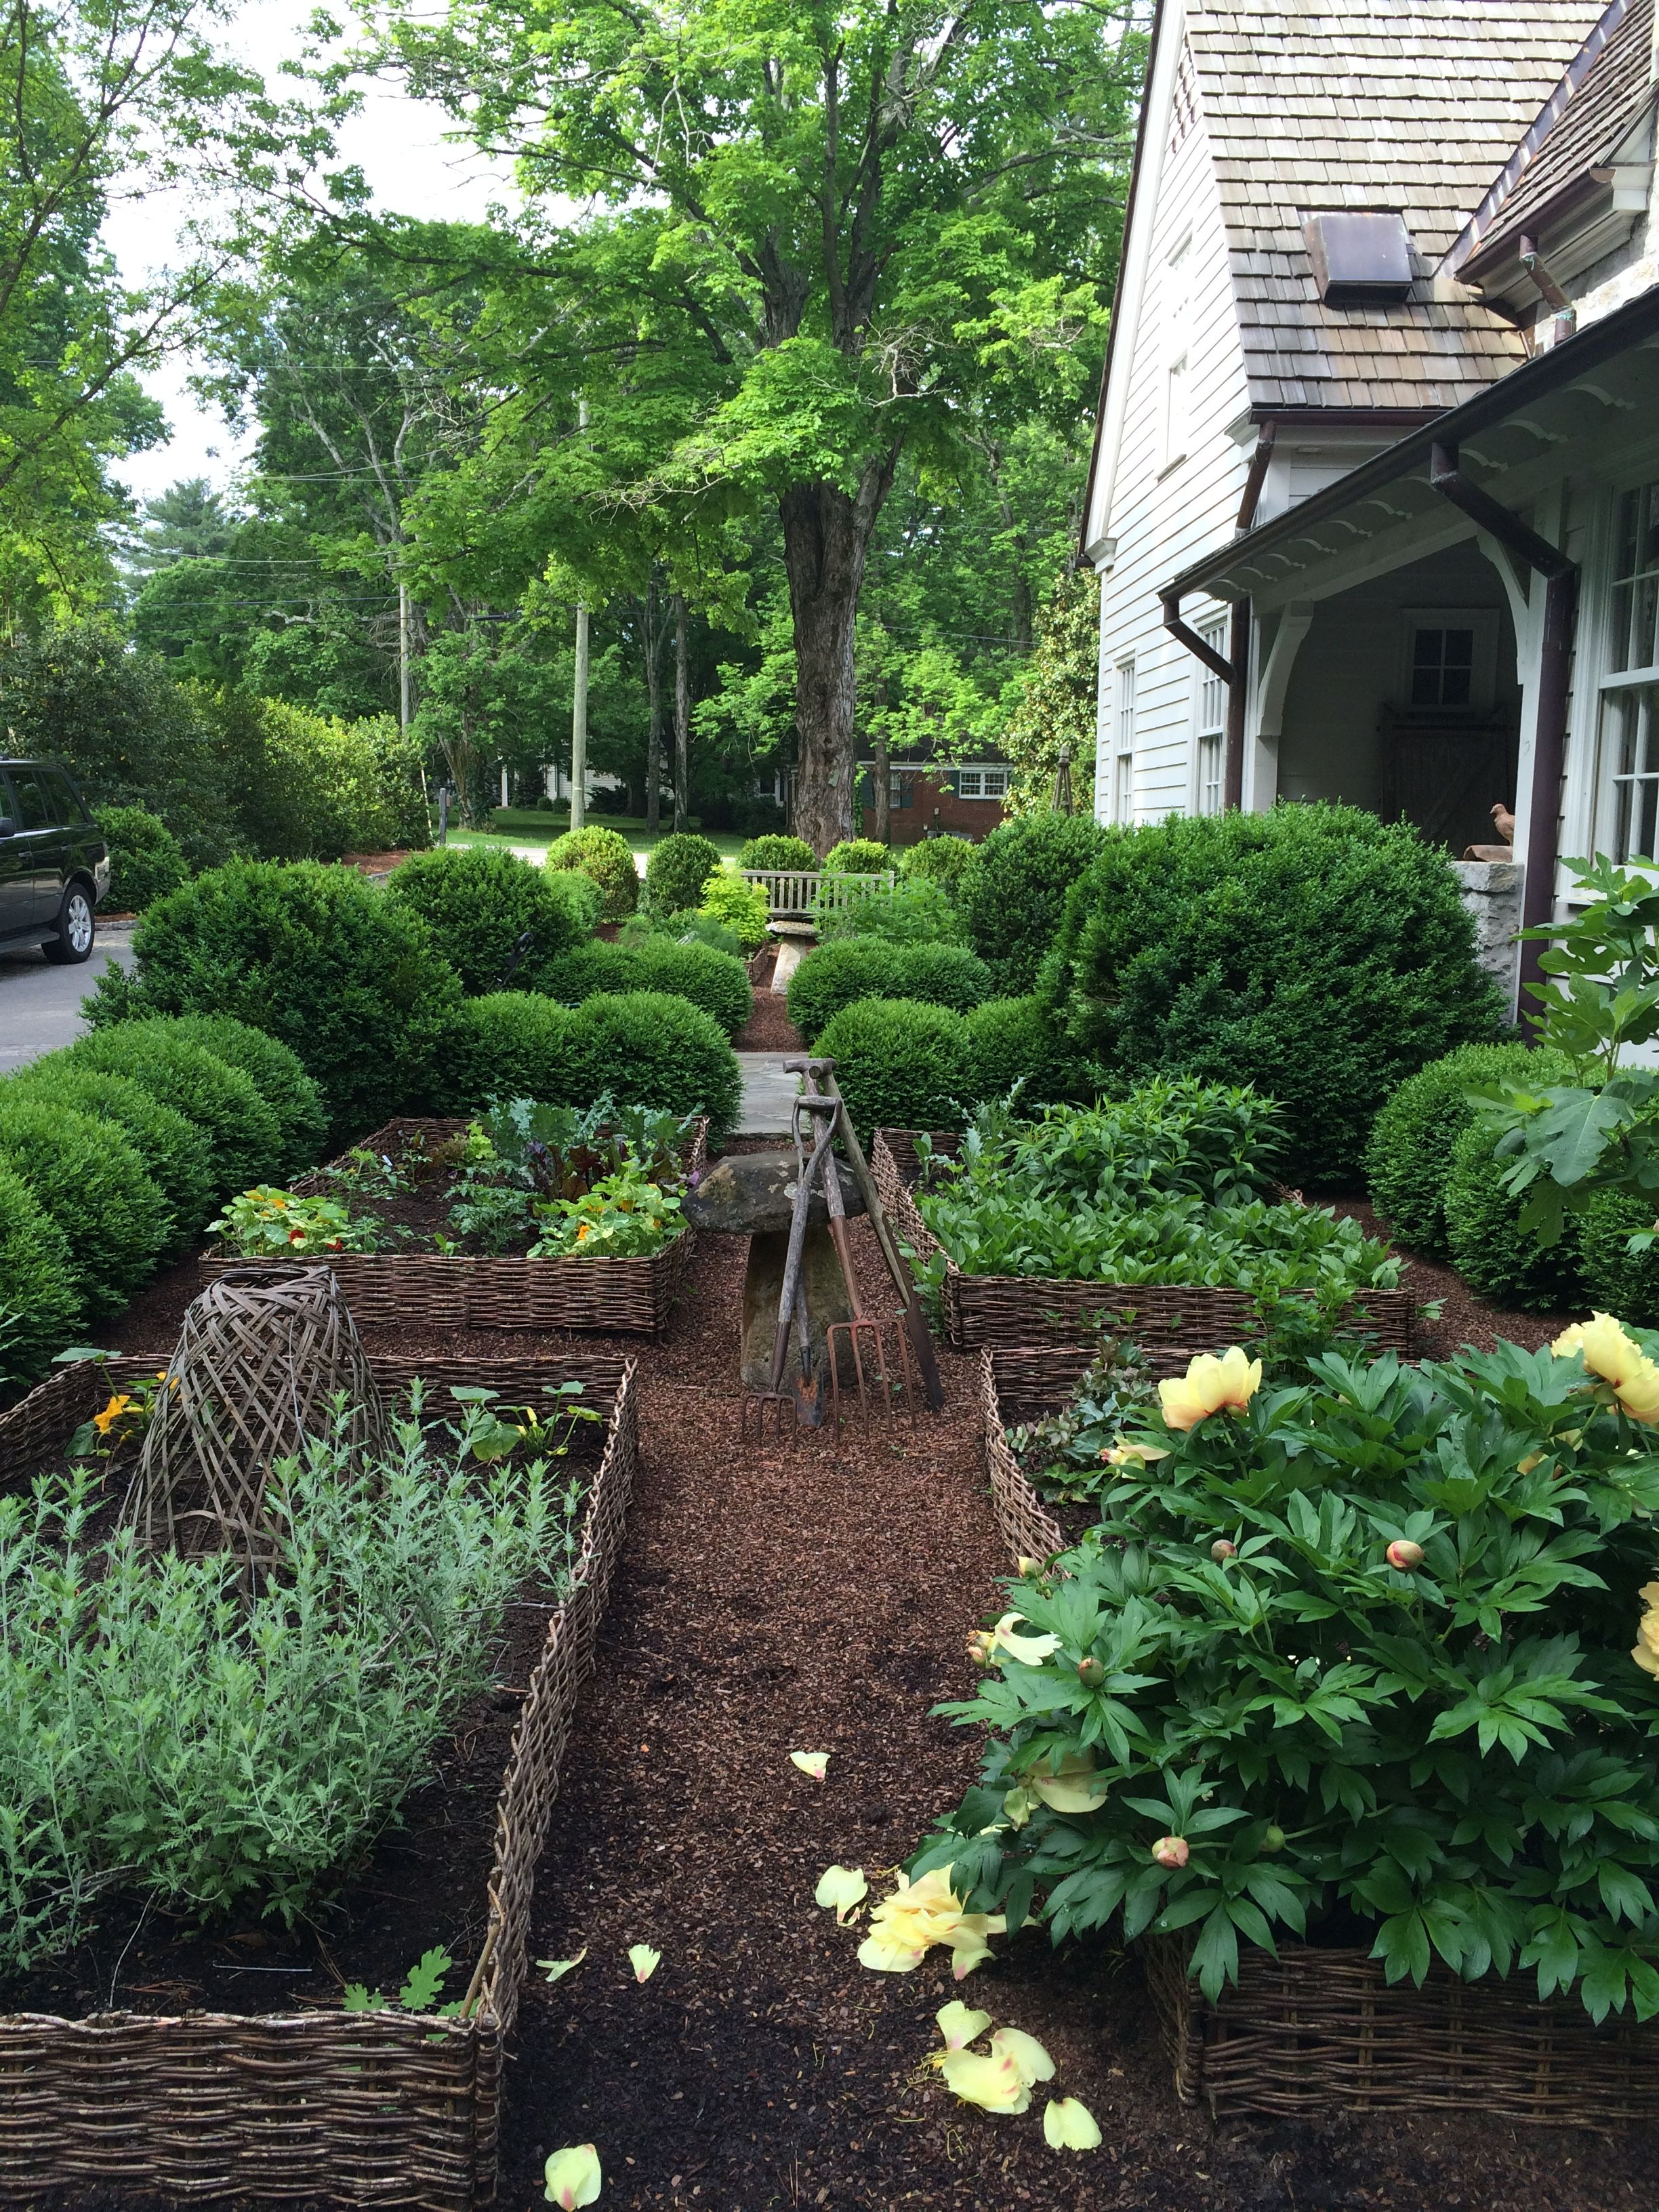 Medium Of Fence Around Garden